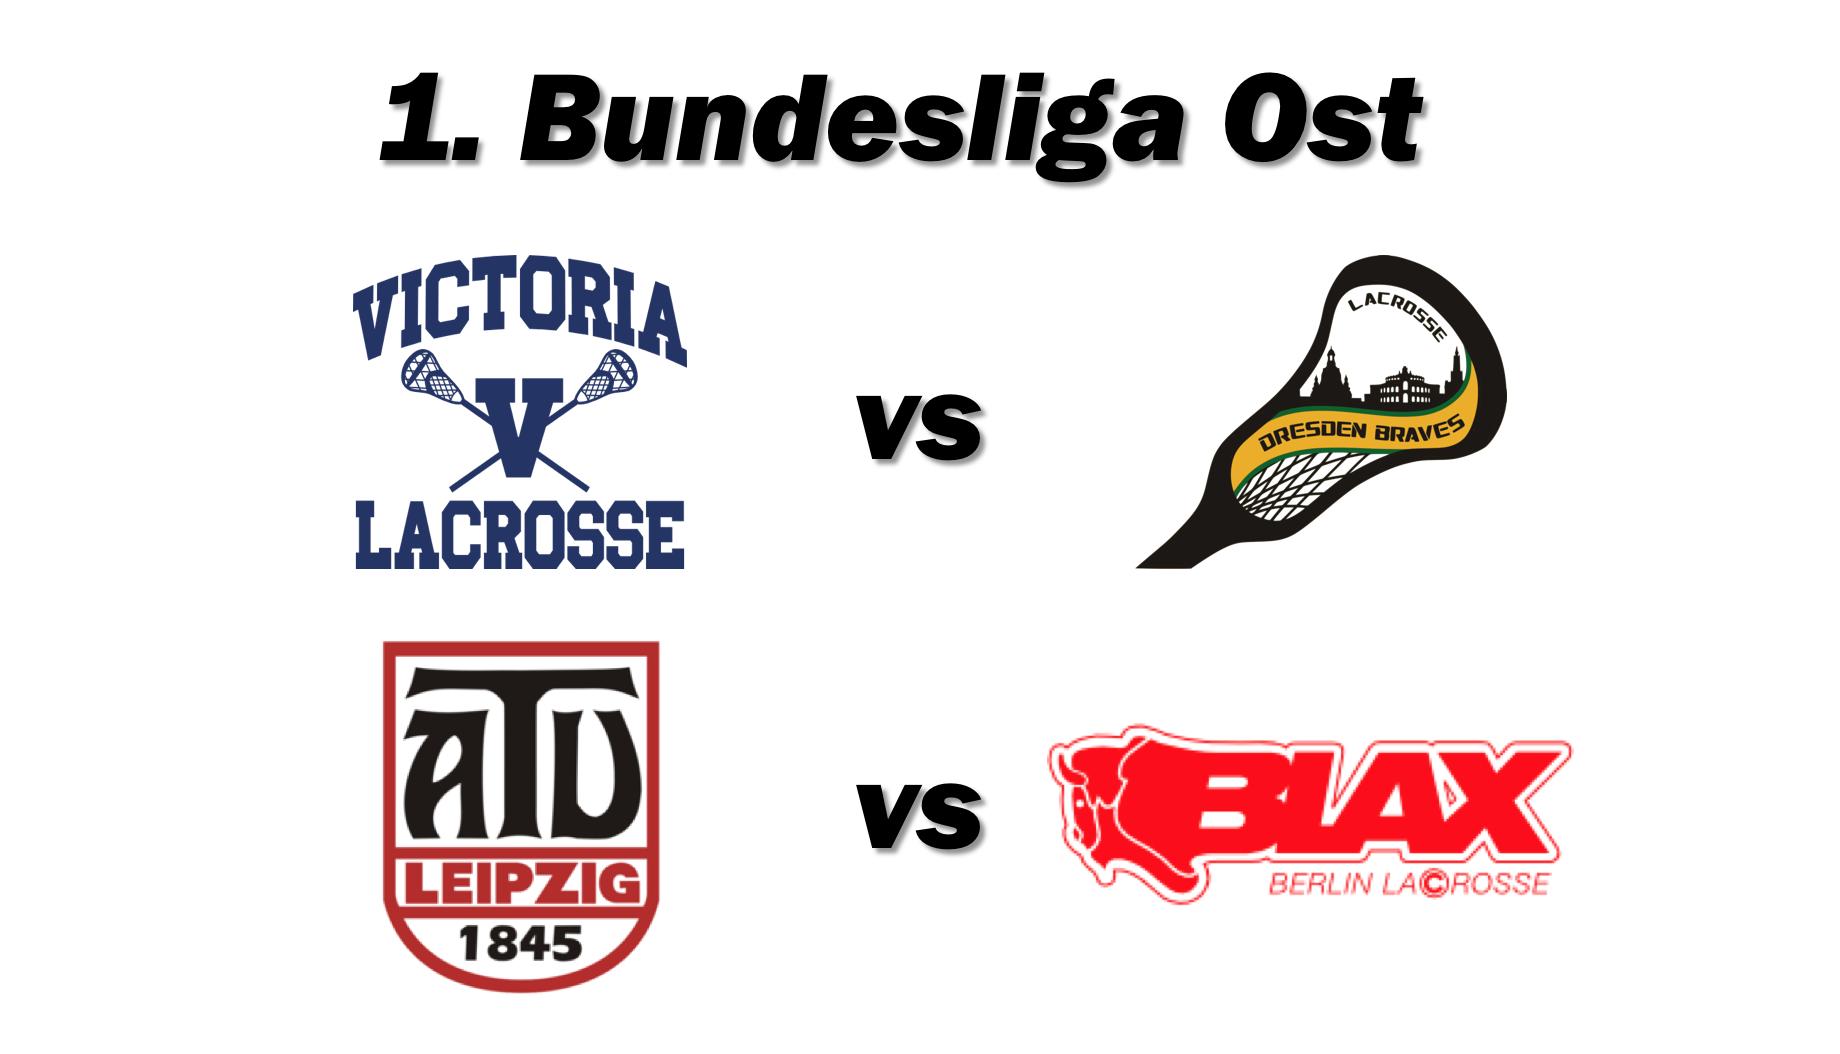 1. Bundesliga Ost